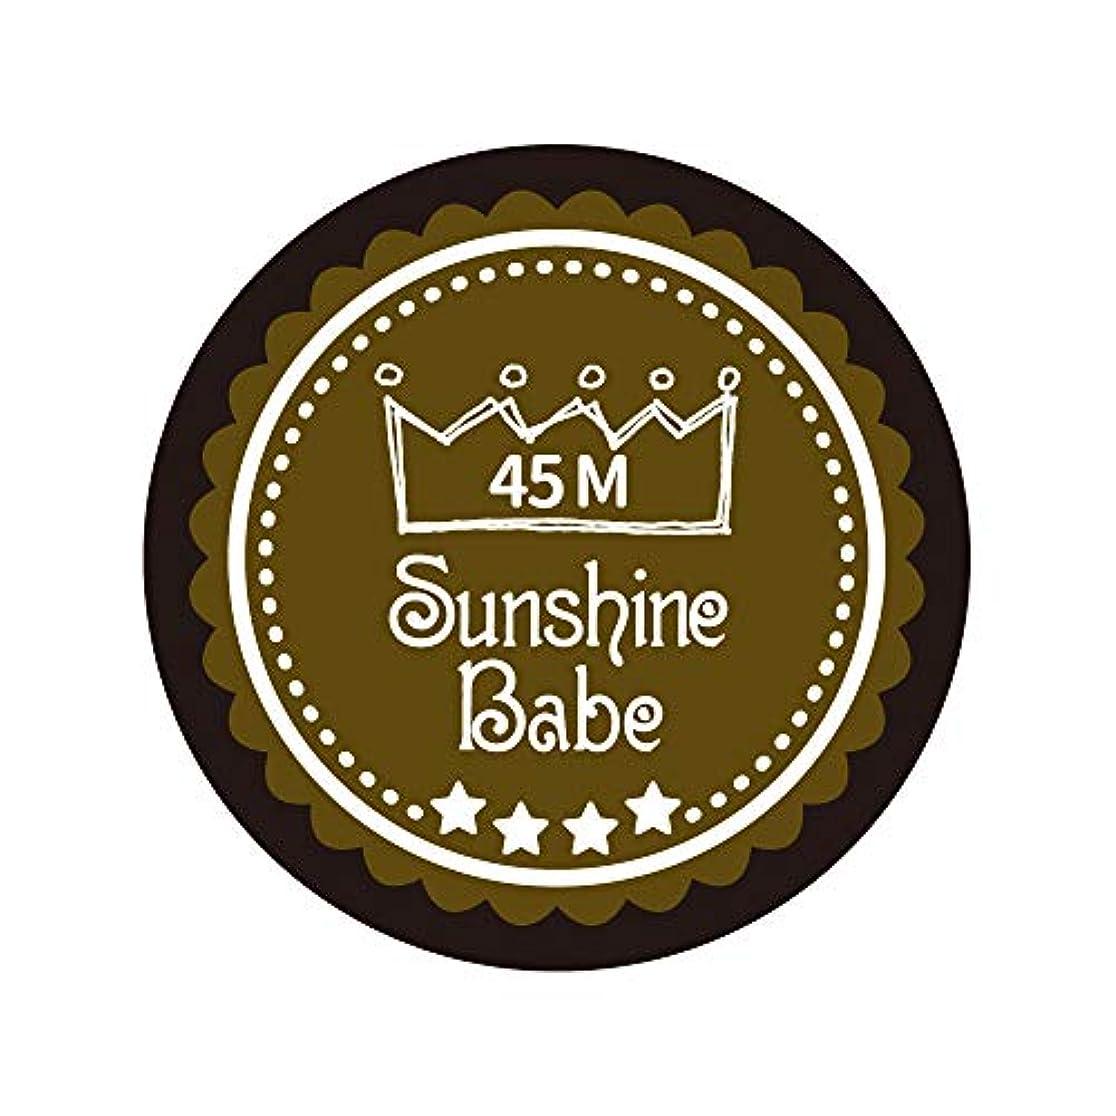 覚醒スラックヒープSunshine Babe カラージェル 45M マティーニオリーブ 2.7g UV/LED対応